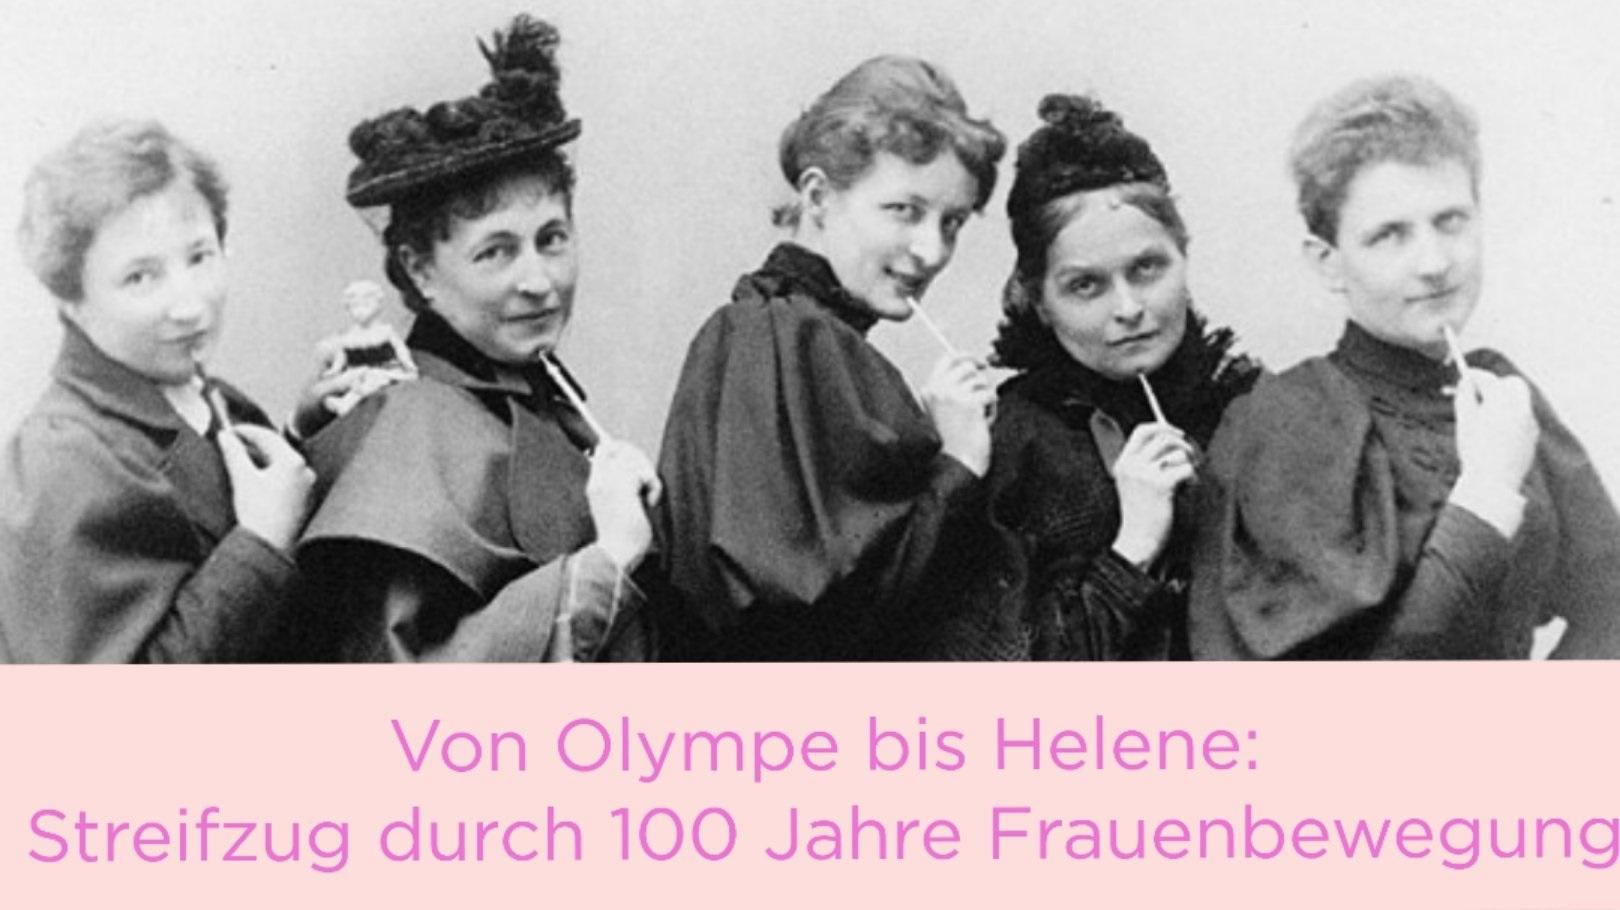 Von Olympe bis Helene: Streifzug durch 100 Jahre Frauenbewegung